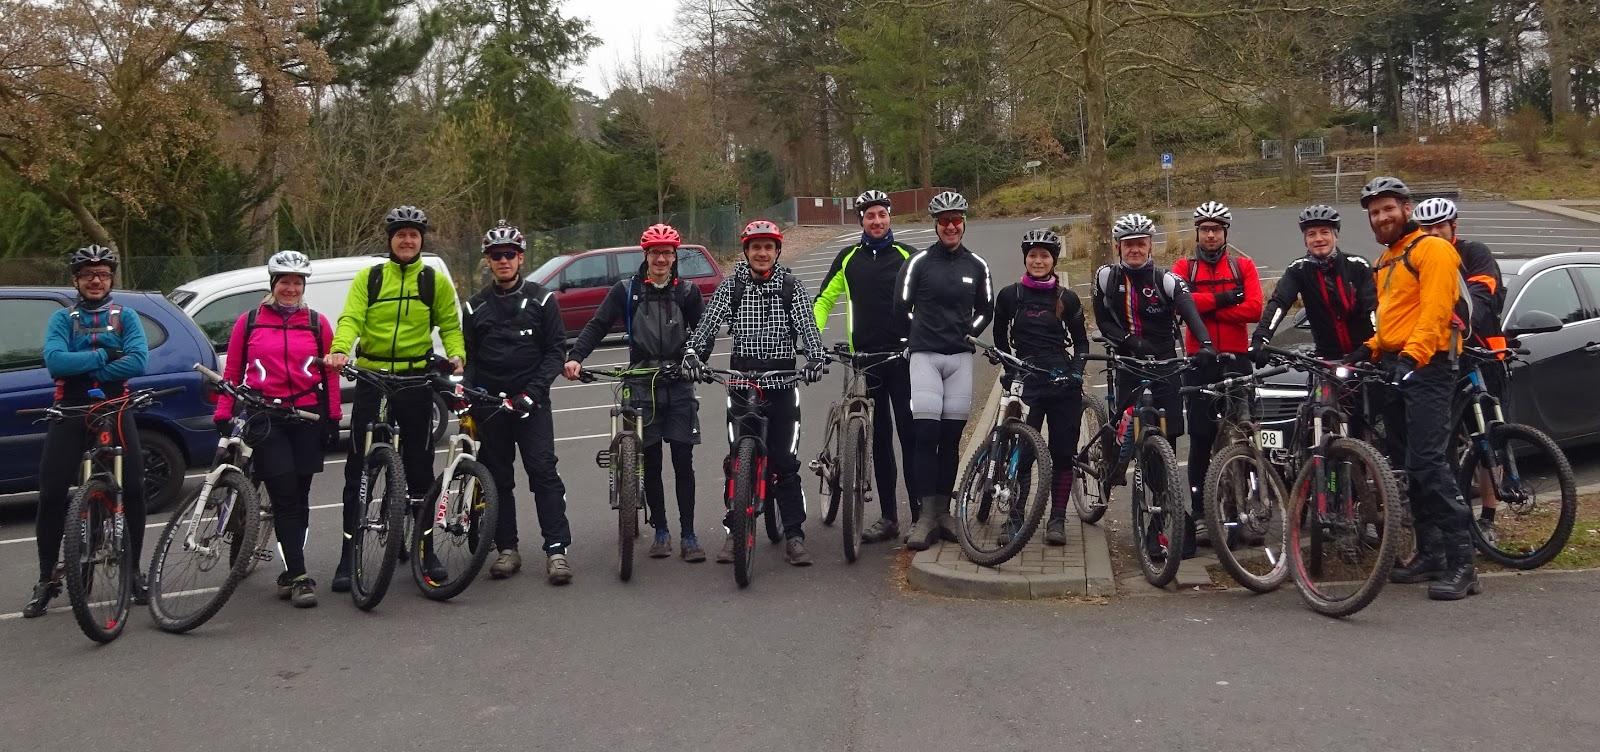 Spessart-Biker Tour am 20.03.2016